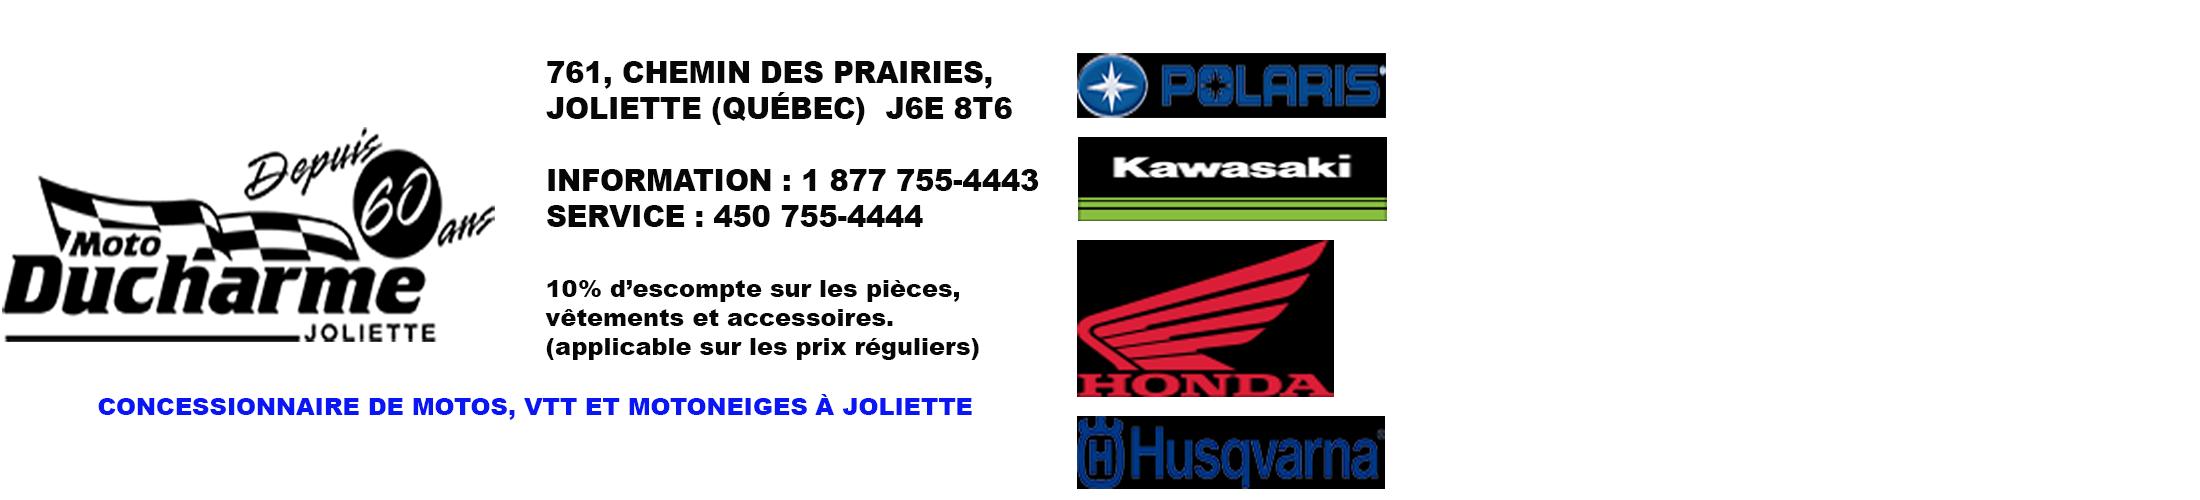 Moto Ducharme Joliette